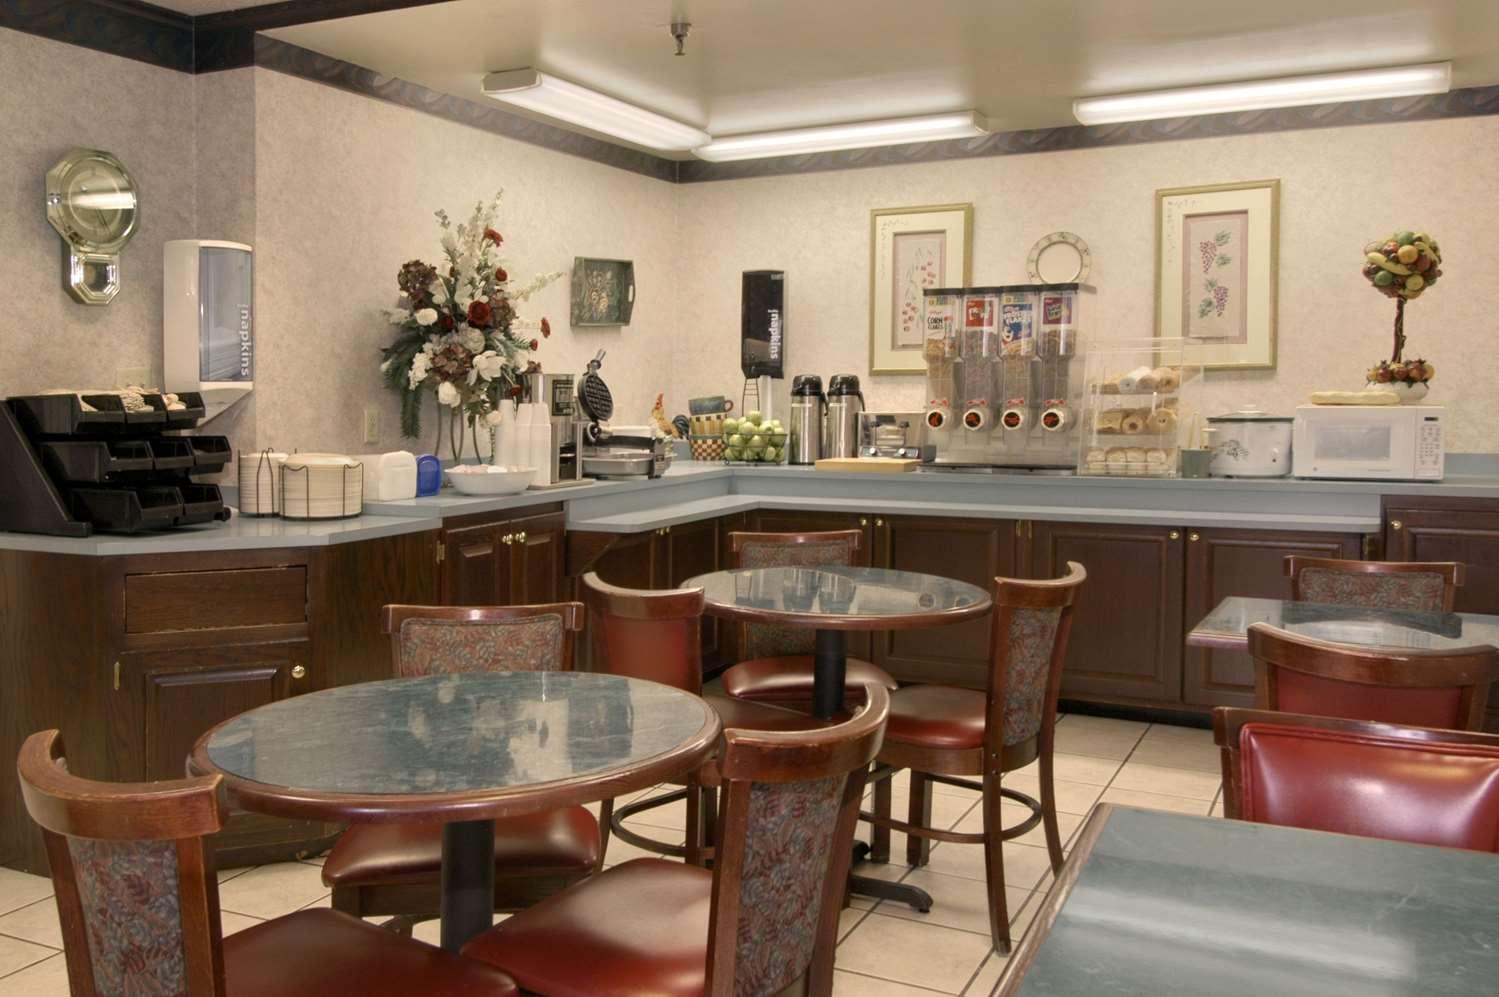 proam - Baymont Inn & Suites Corbin